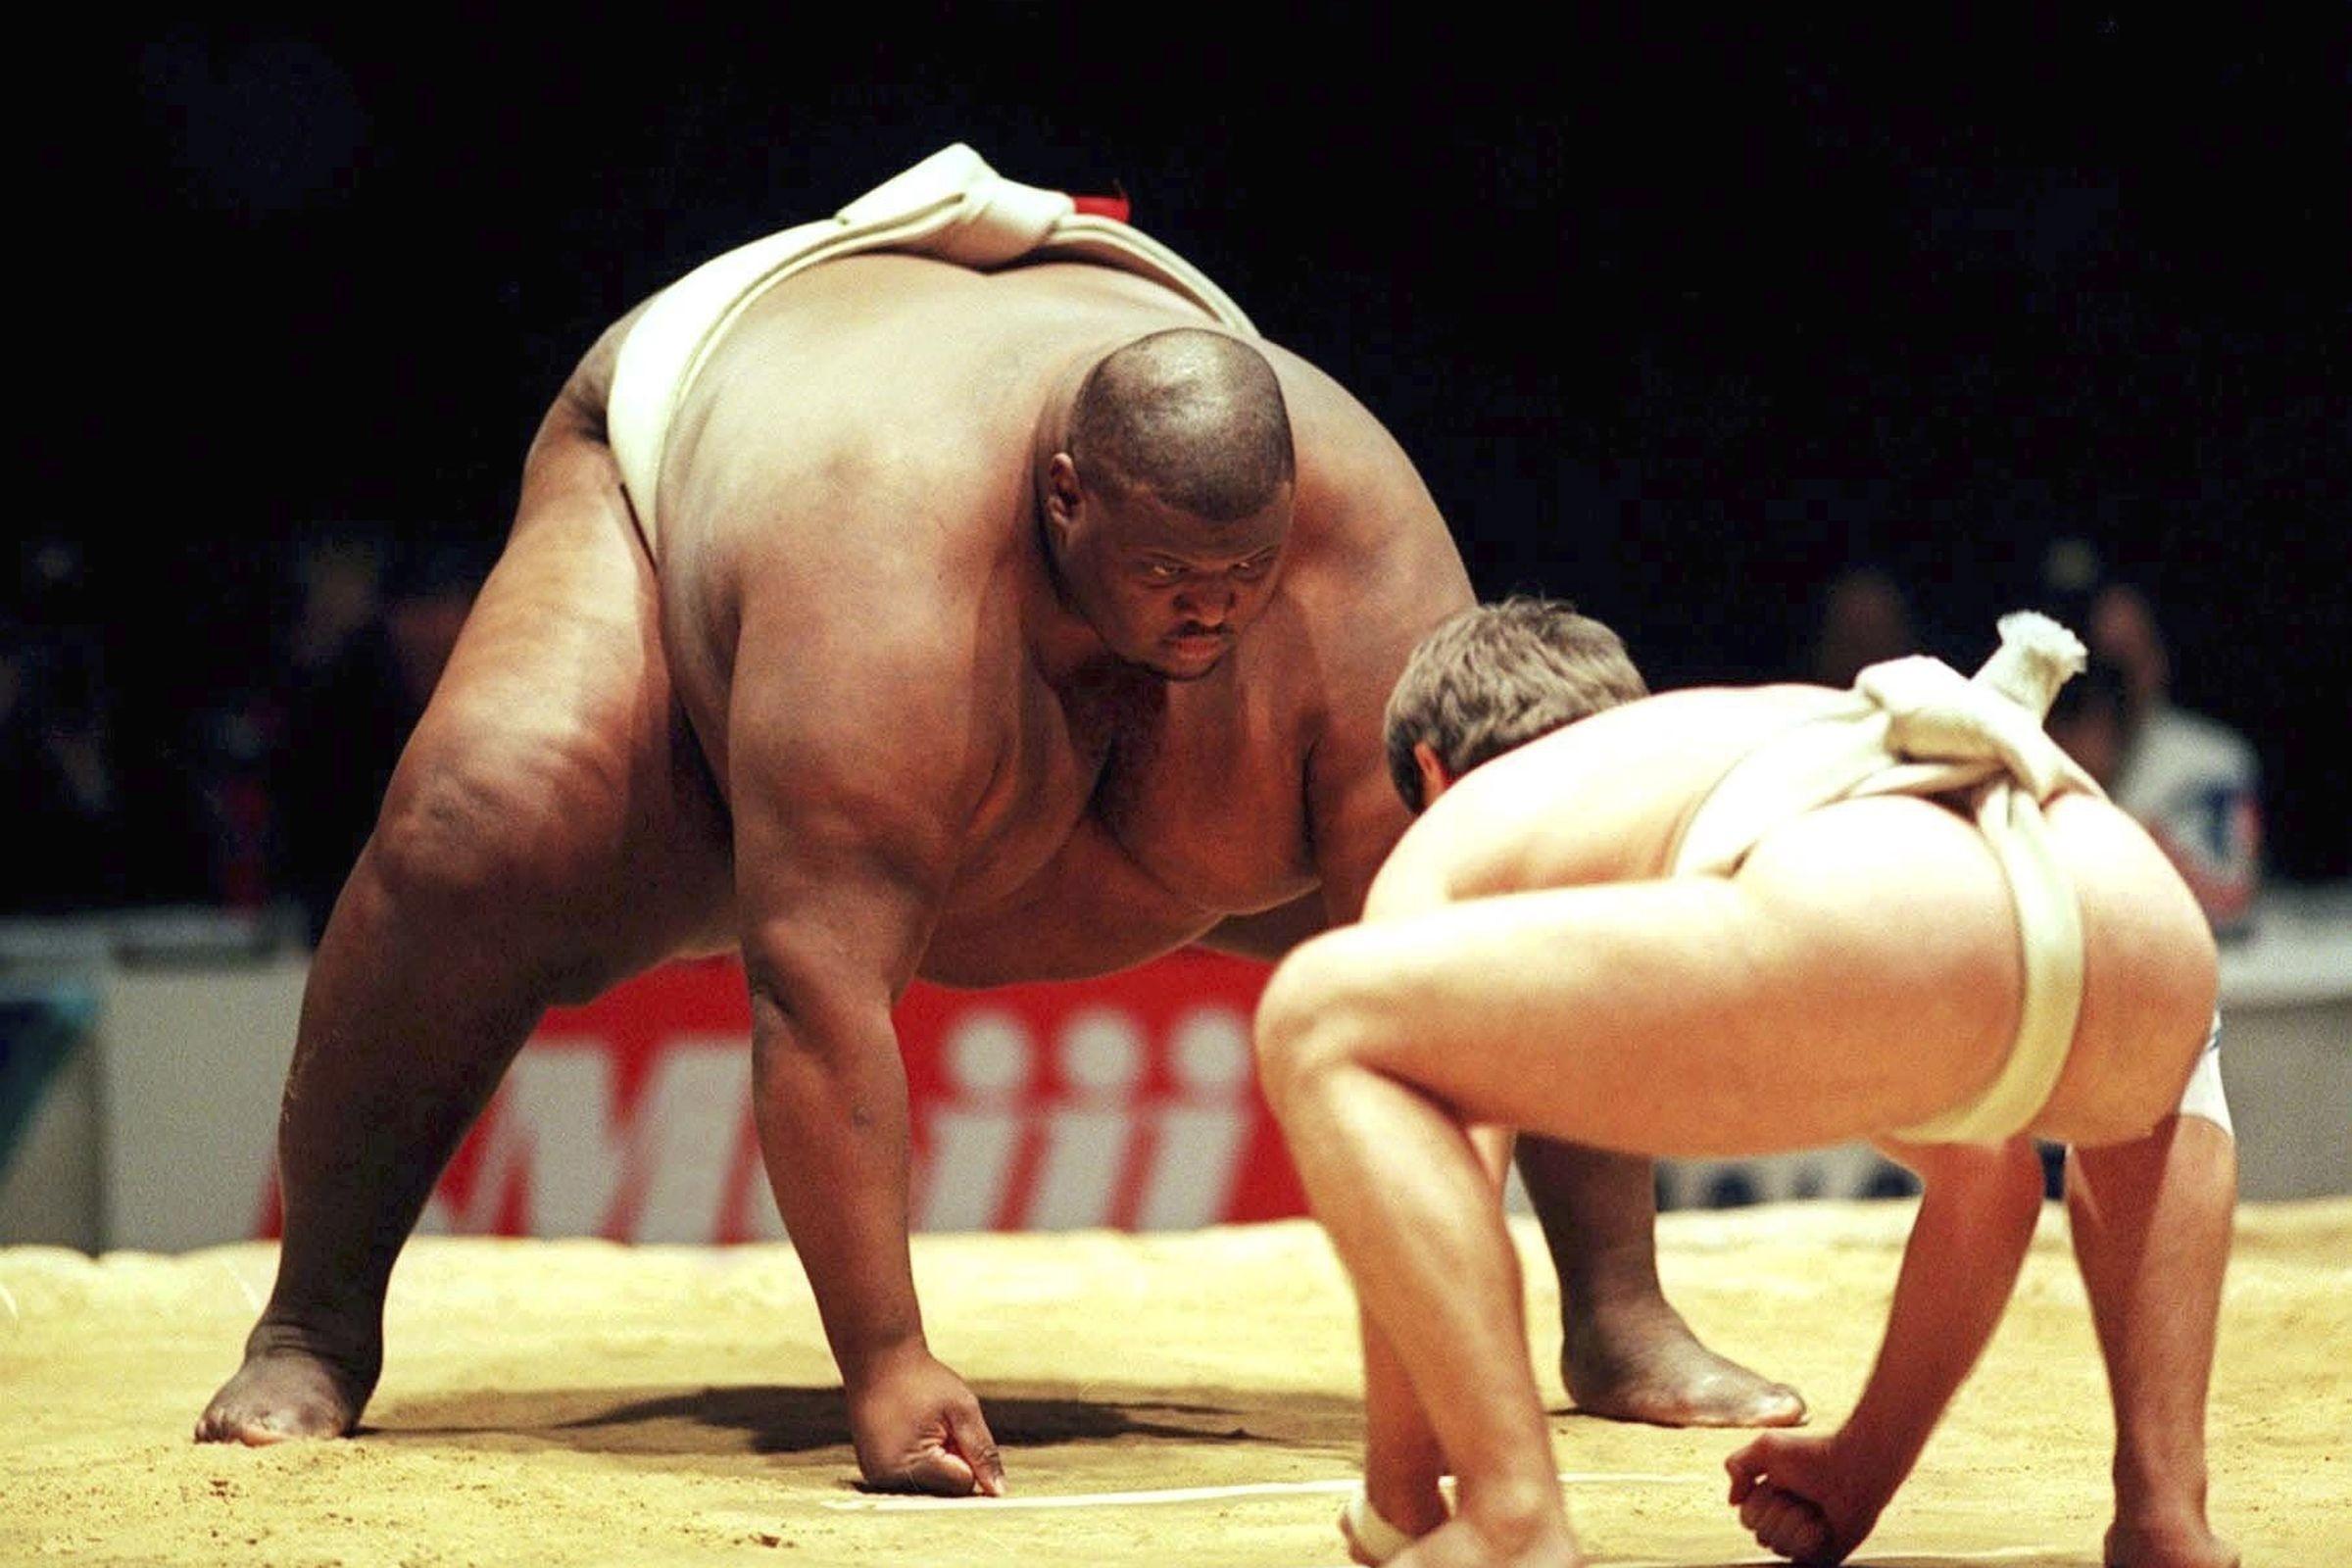 Секс негром самый большой член, Порно с большими и чёрными членами негров смотреть 4 фотография